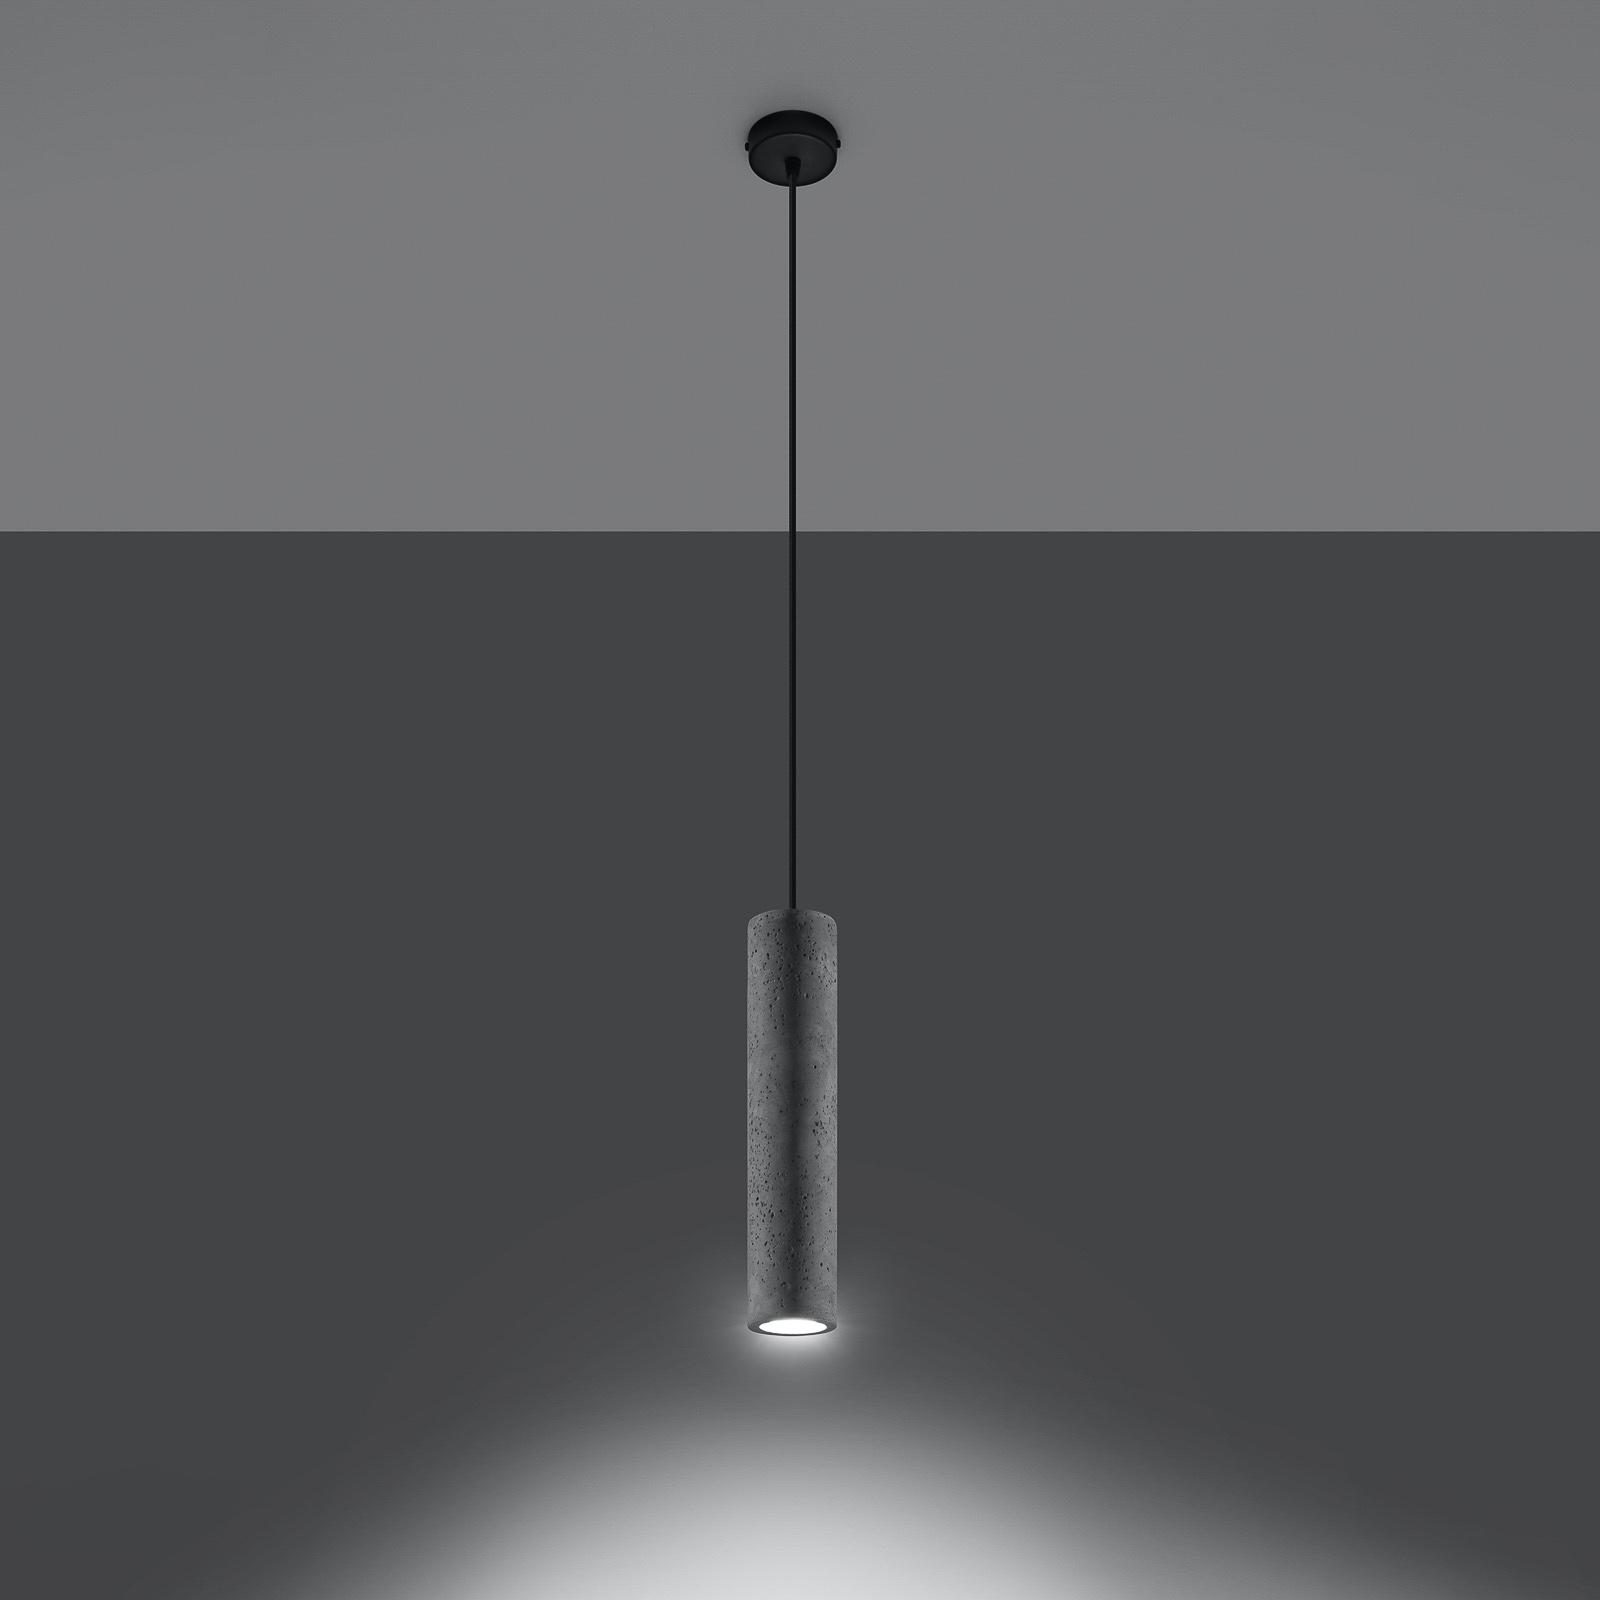 Riippuvalo Tube betonia, yksilamppuinen